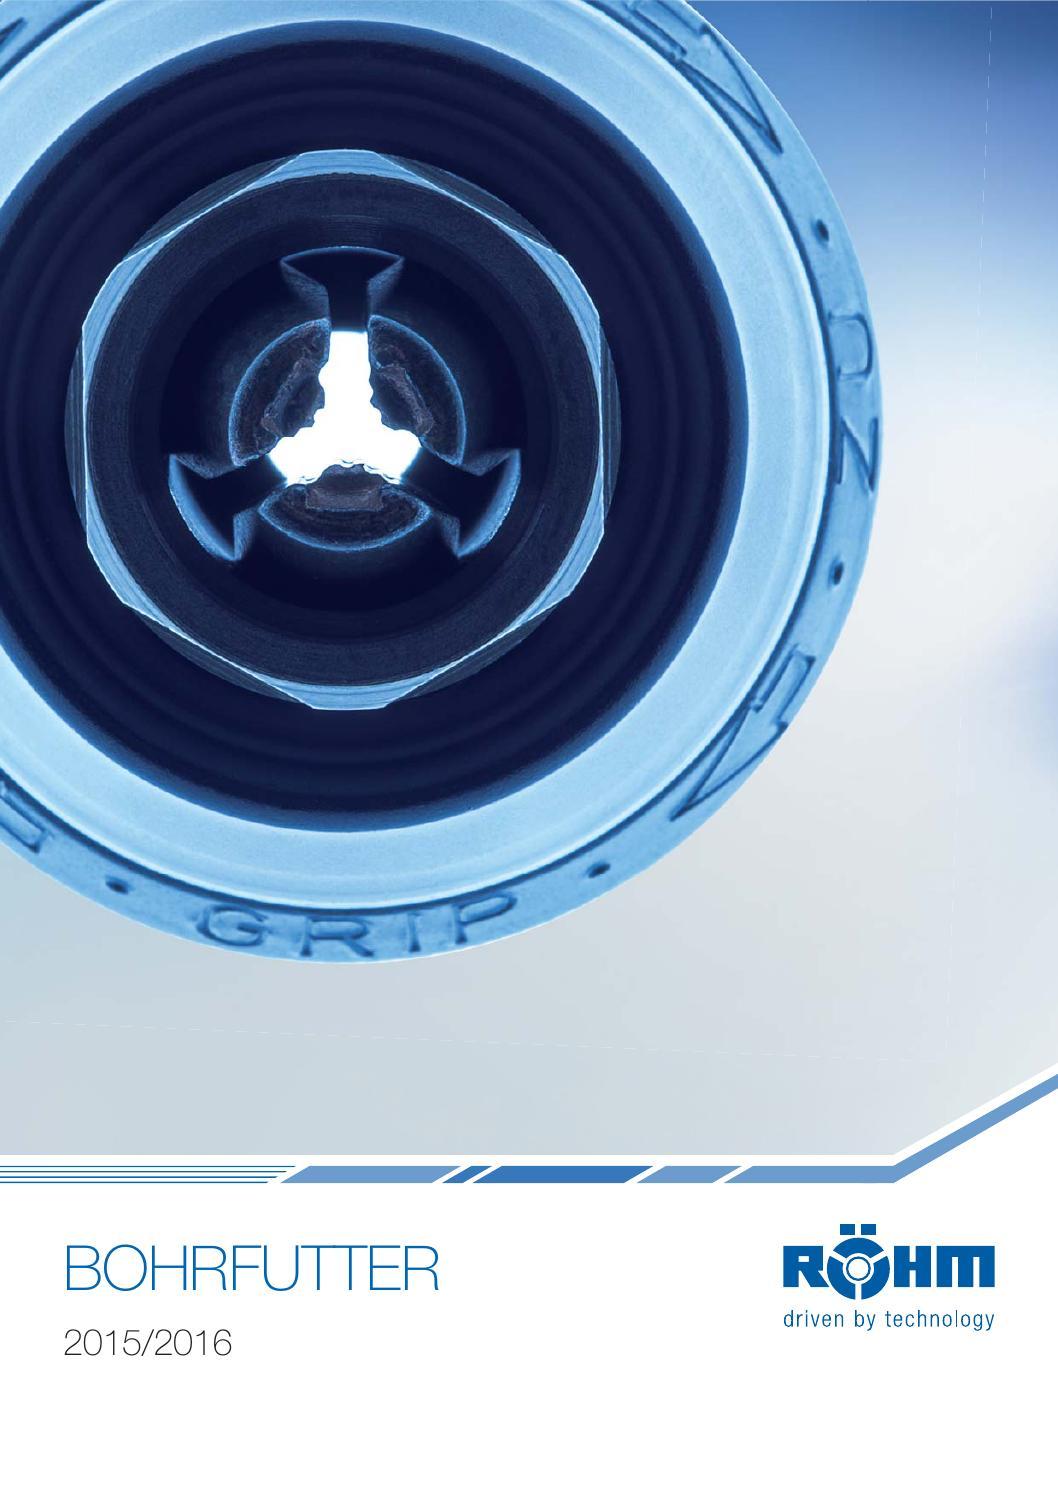 Röhm SPIRO Größe 16 Schnellspann- Bohrfutter Metall 871017 3-16mm B18 Konus